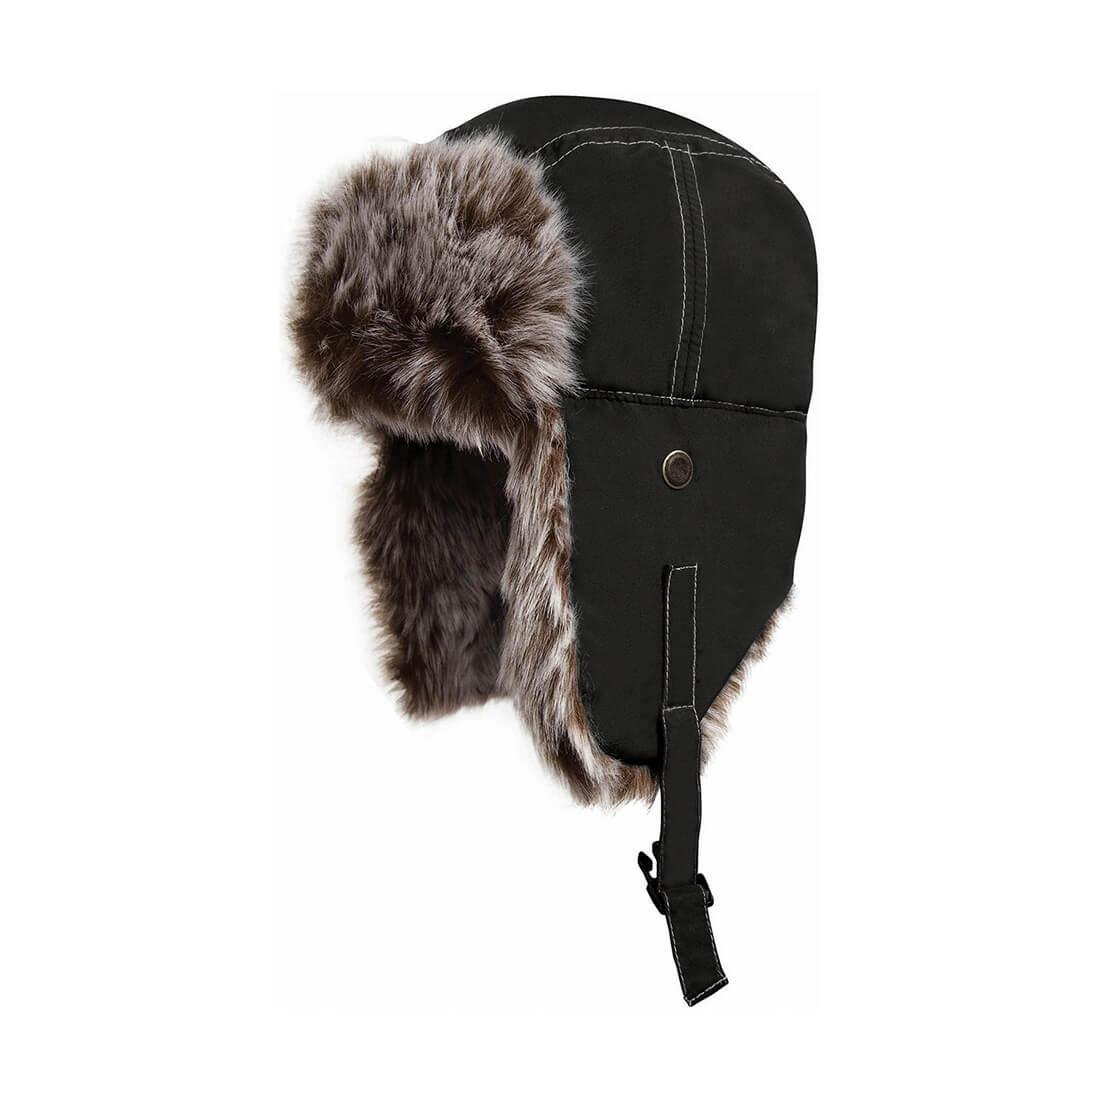 Caciula Classic Sherpa - Imbracaminte de protectie